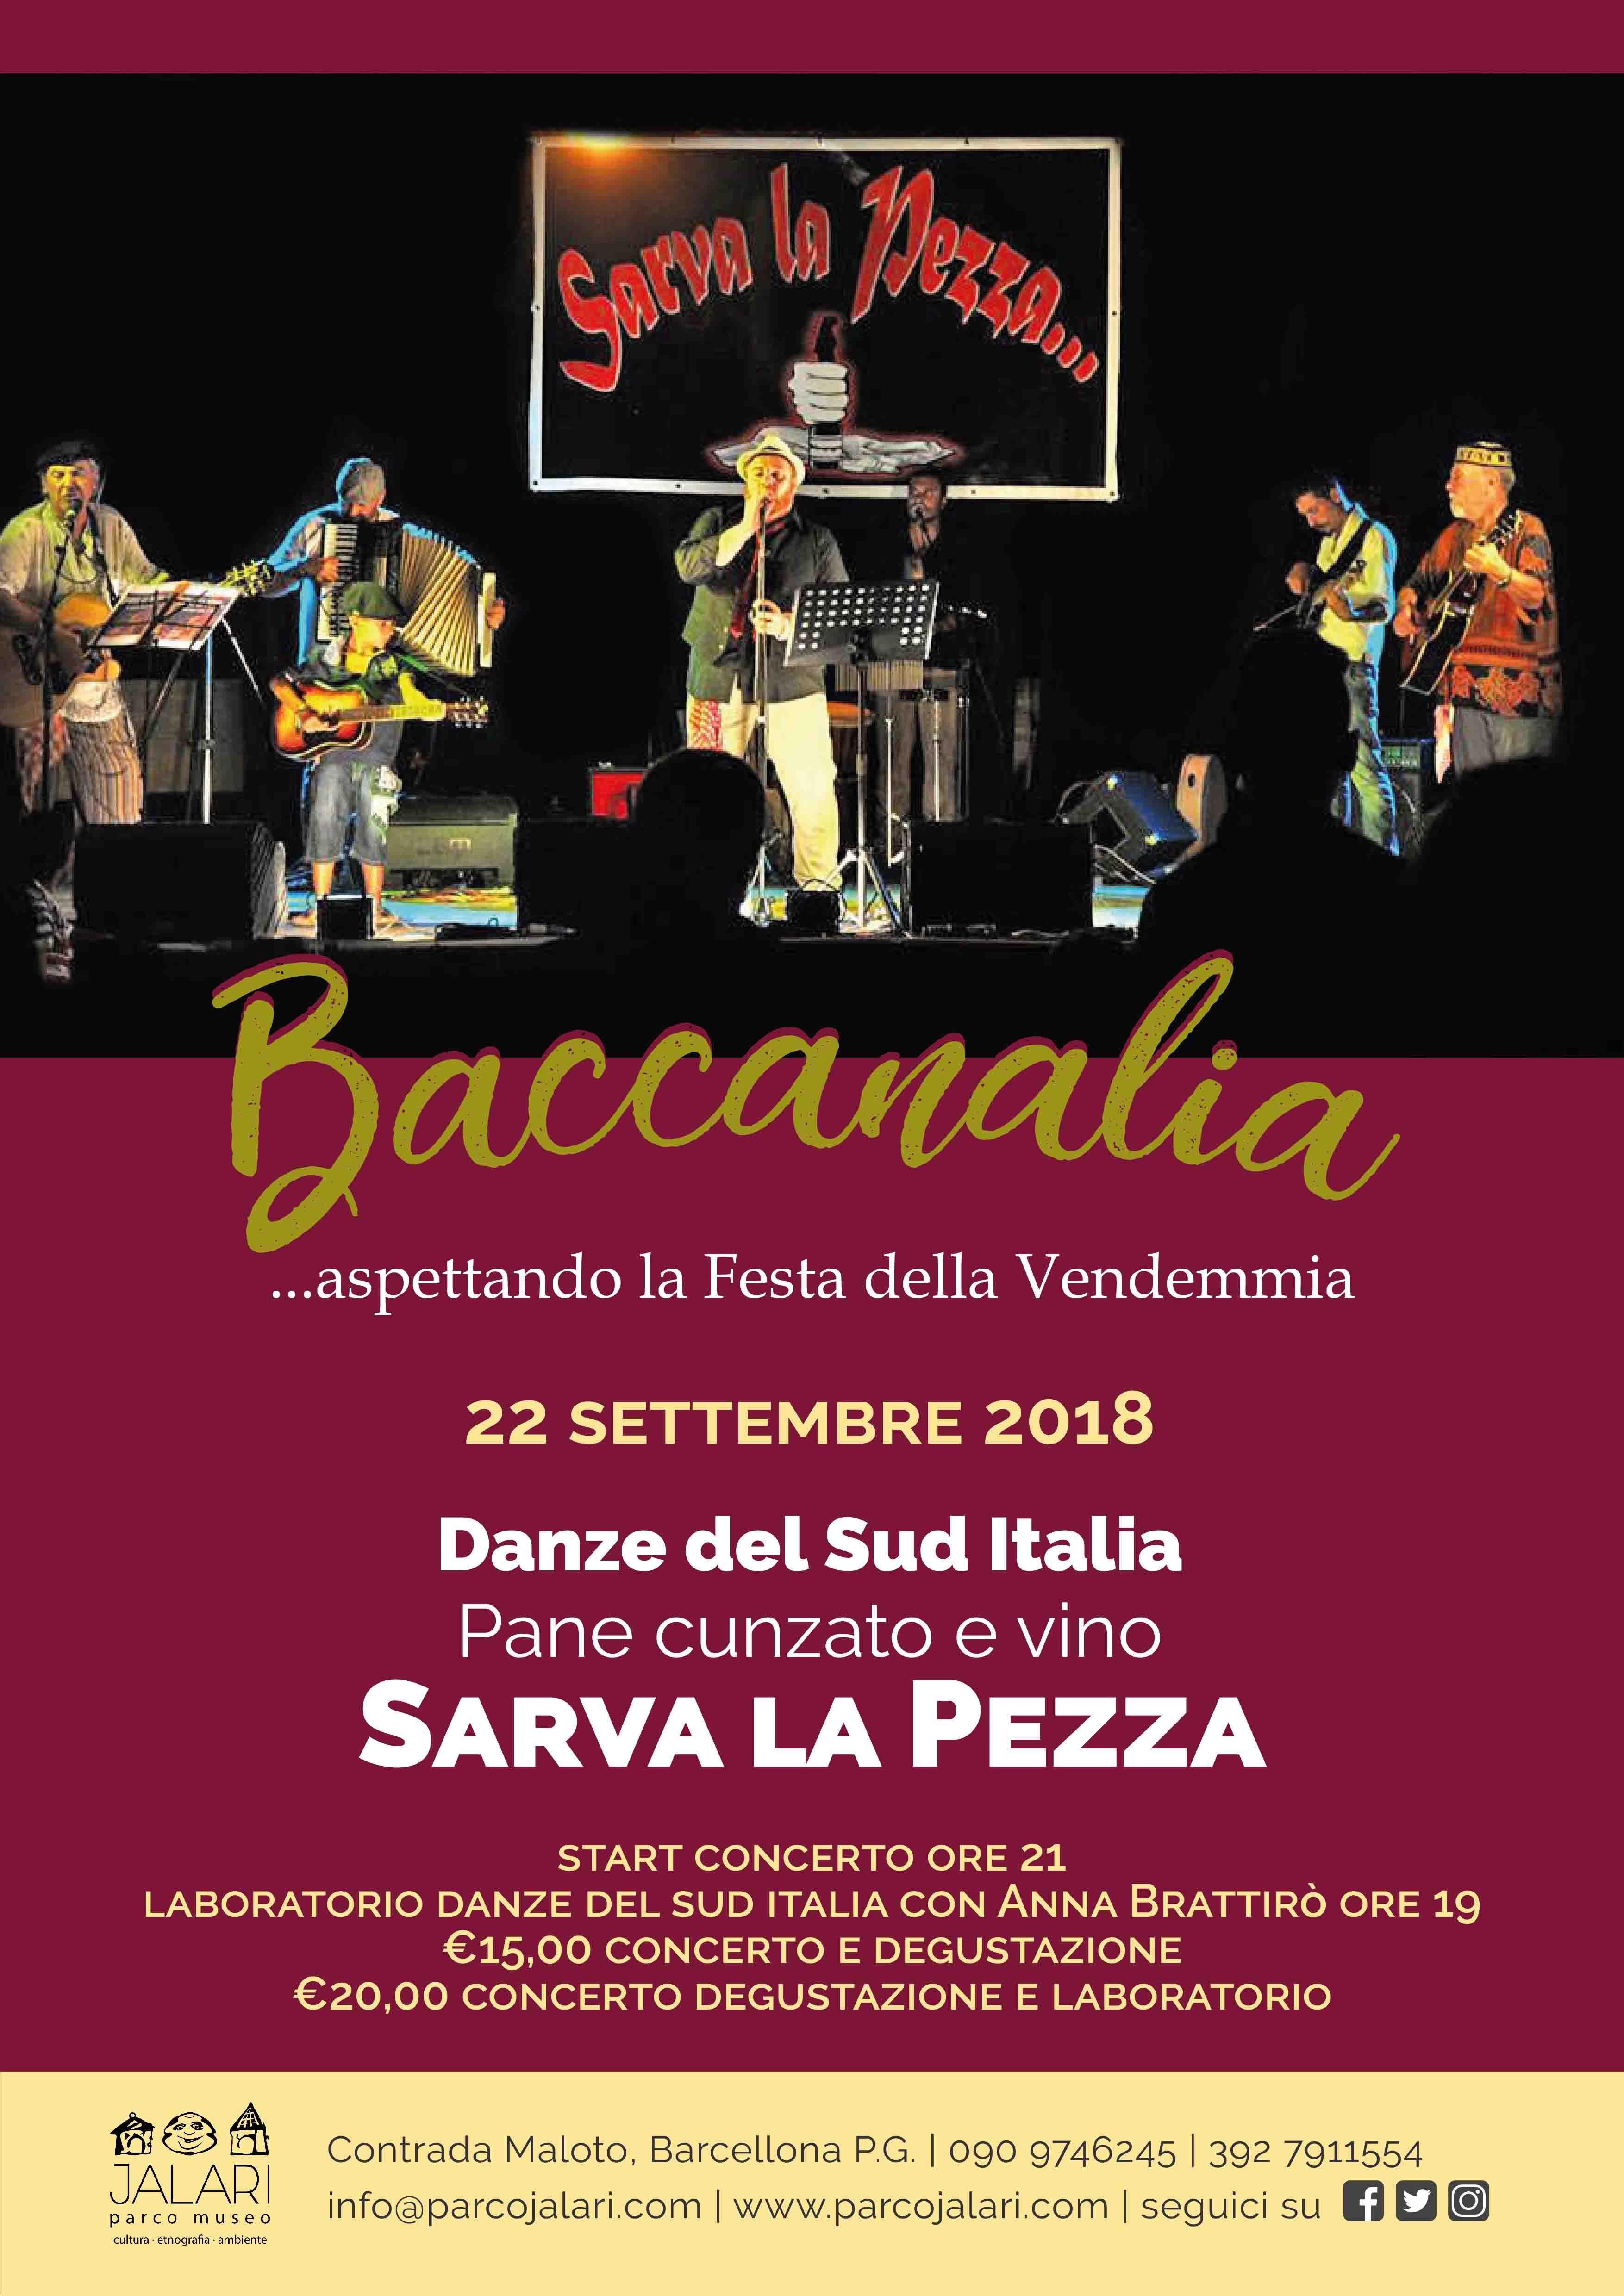 Sarva la Pezza in concerto al Parco Museo Jalari